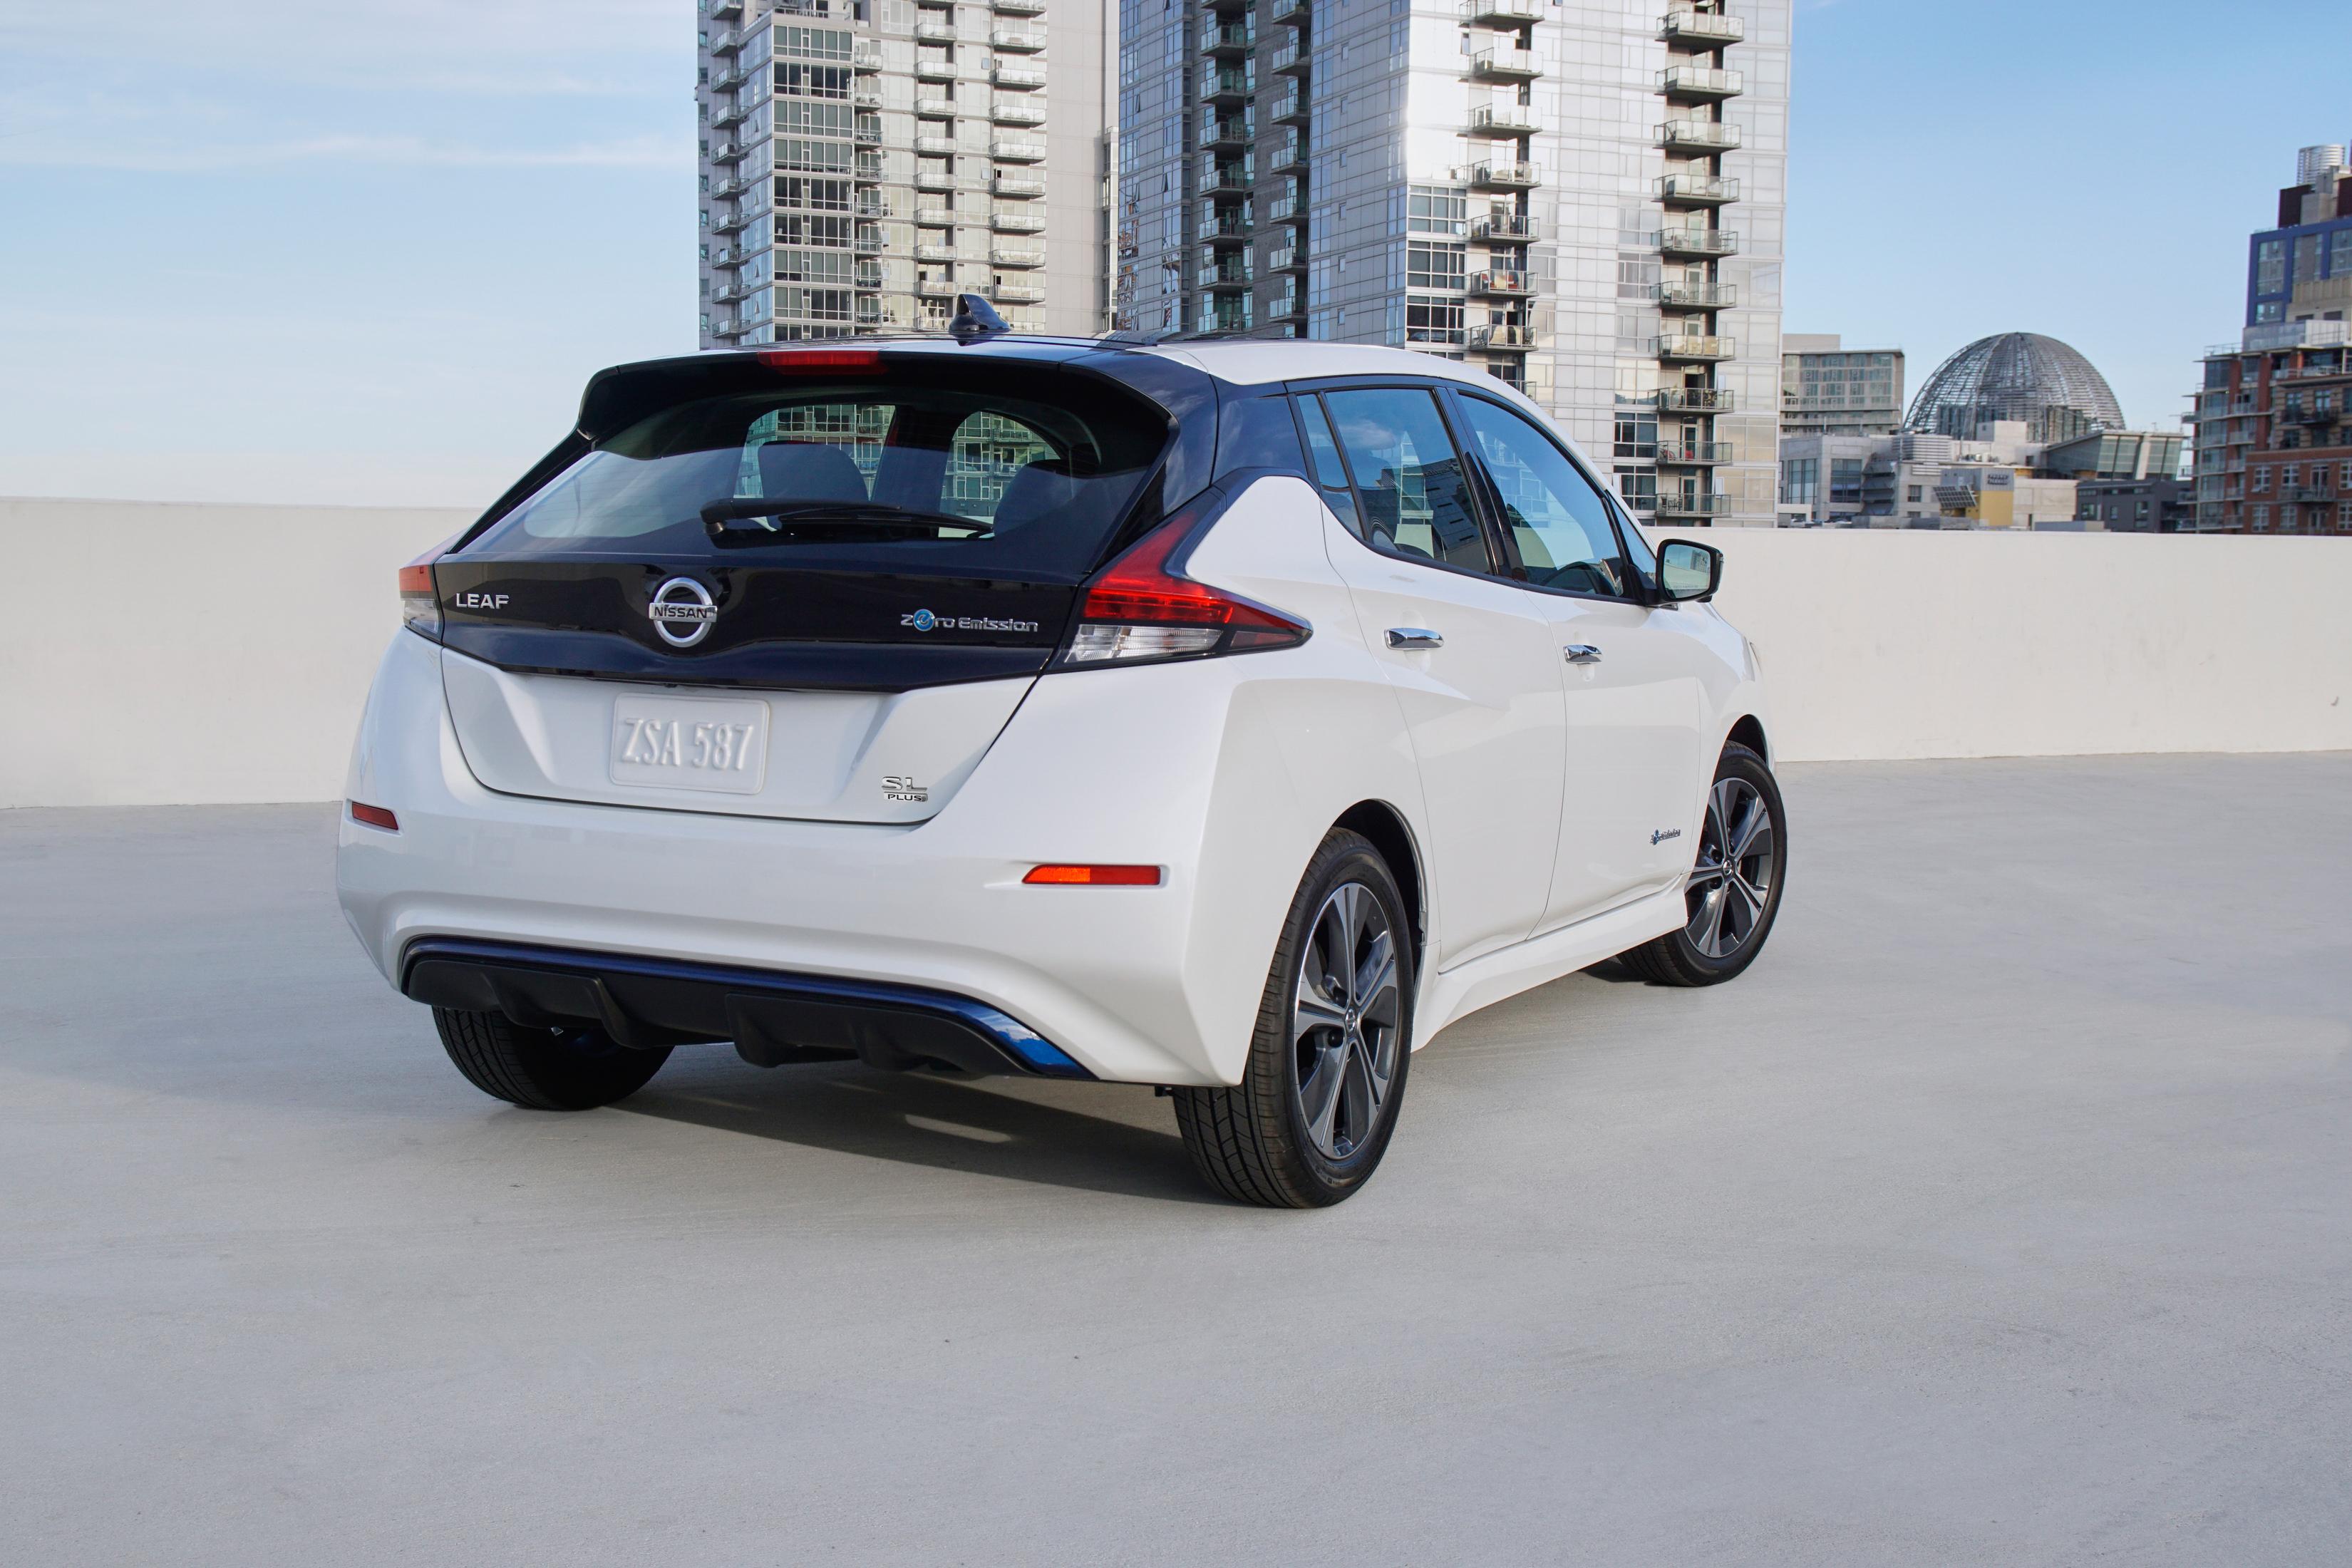 2019 Nissan LEAF e+